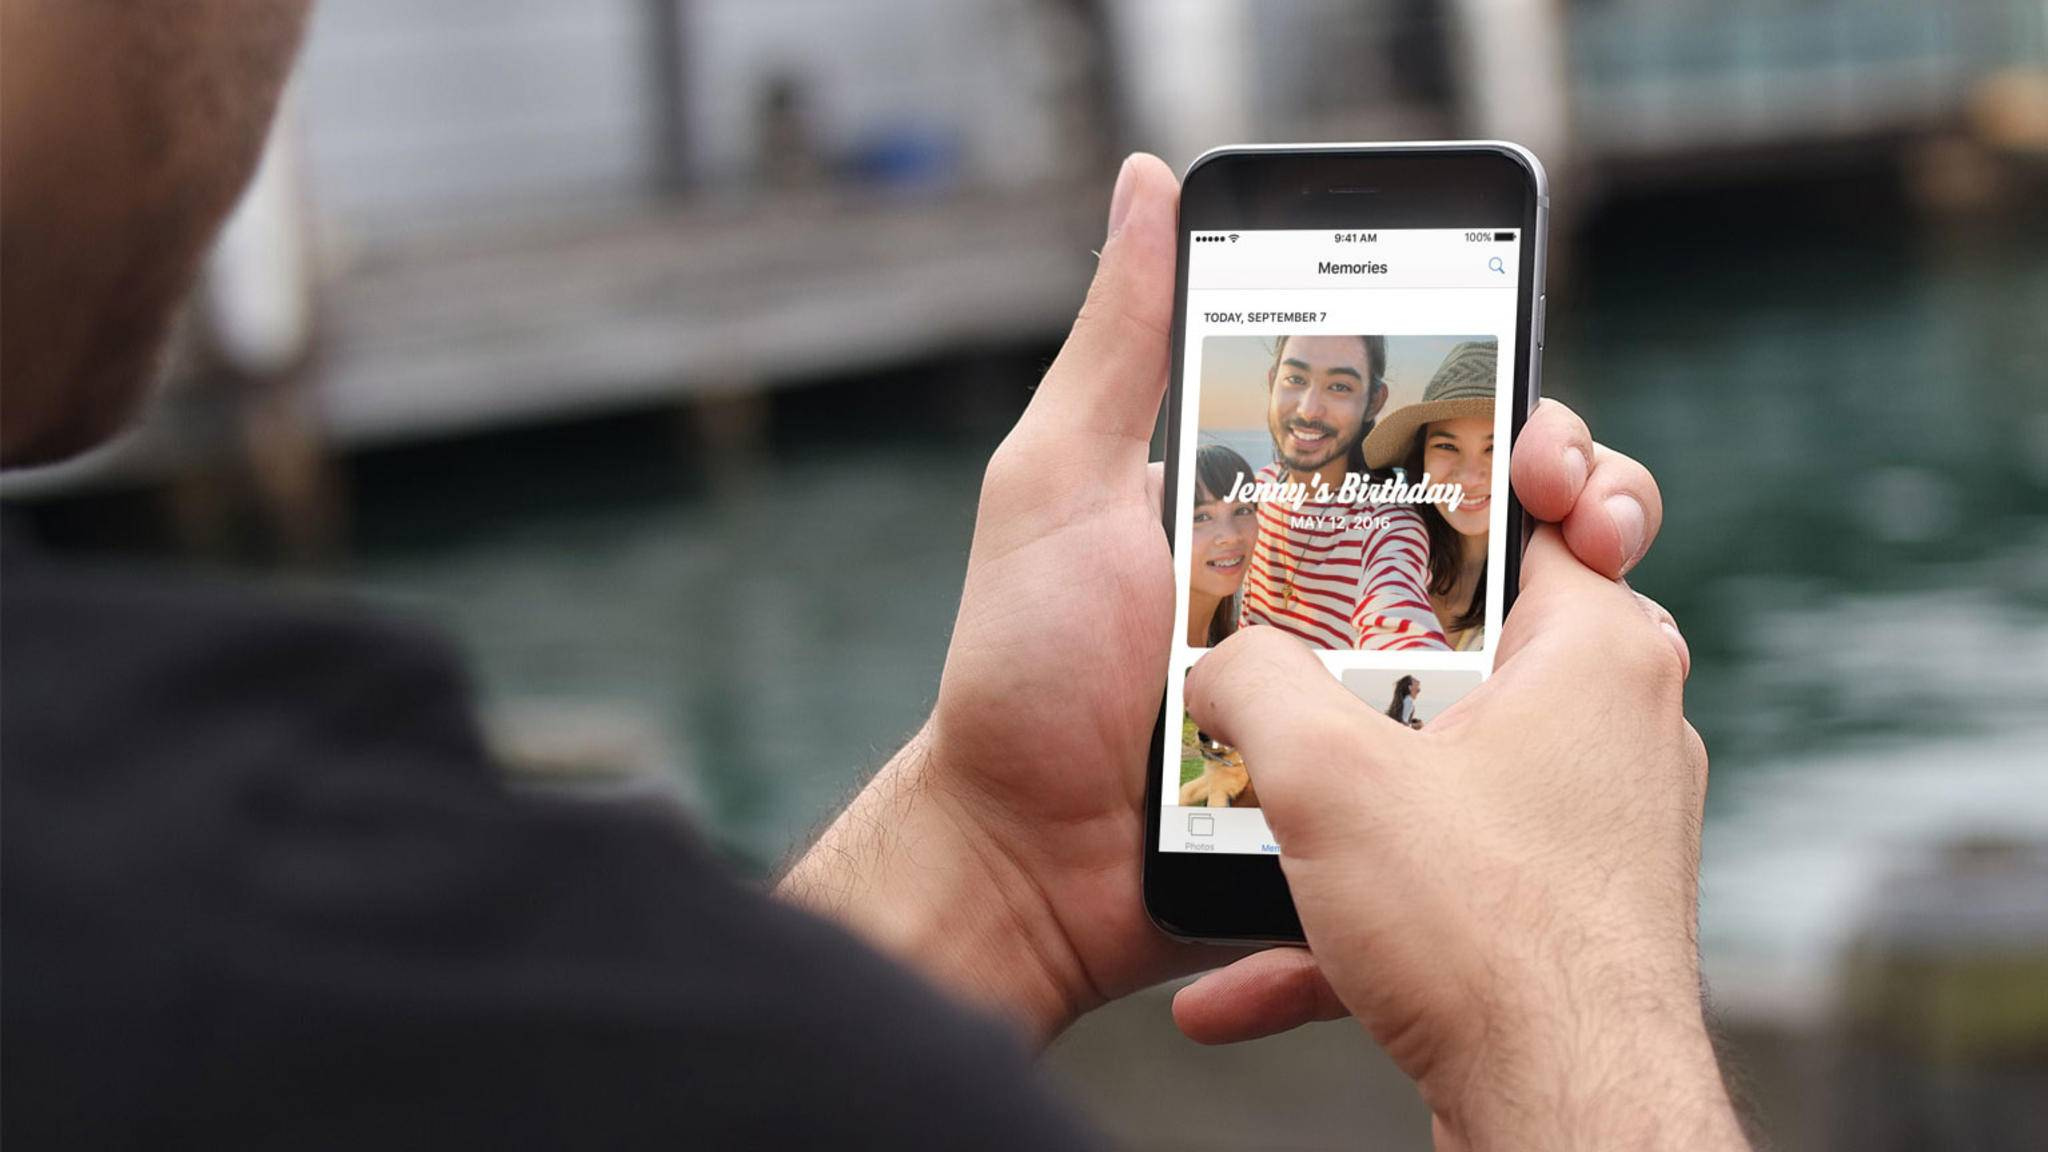 Wir verraten, wie Du Deine Bildergalerie auf dem iPhone schnell ausmisten kannst.